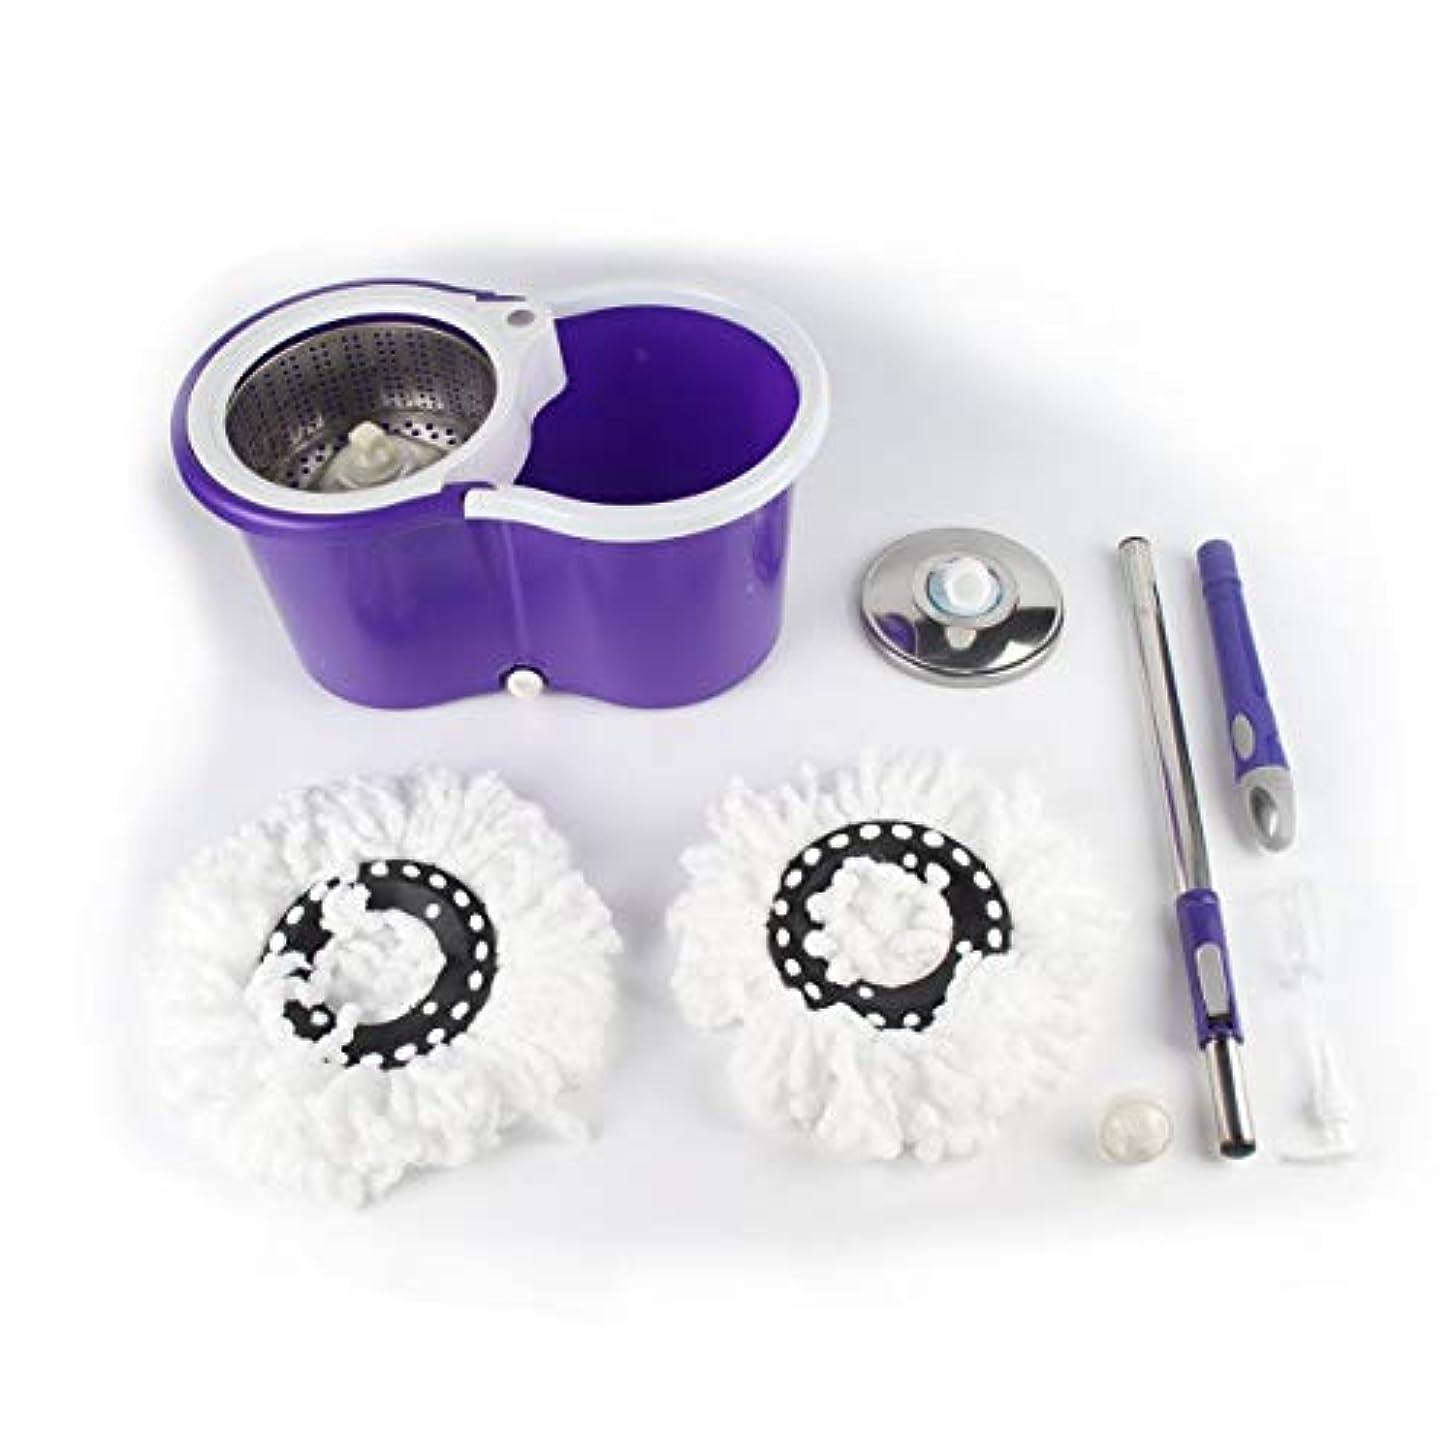 誕生系統的分離Saikogoods 1PC 360度回転 マイクロファイバーモップヘッド キッチン浴室クリーニング マジックモップ ヘッド交換をスピニング マジックモップ 紫の